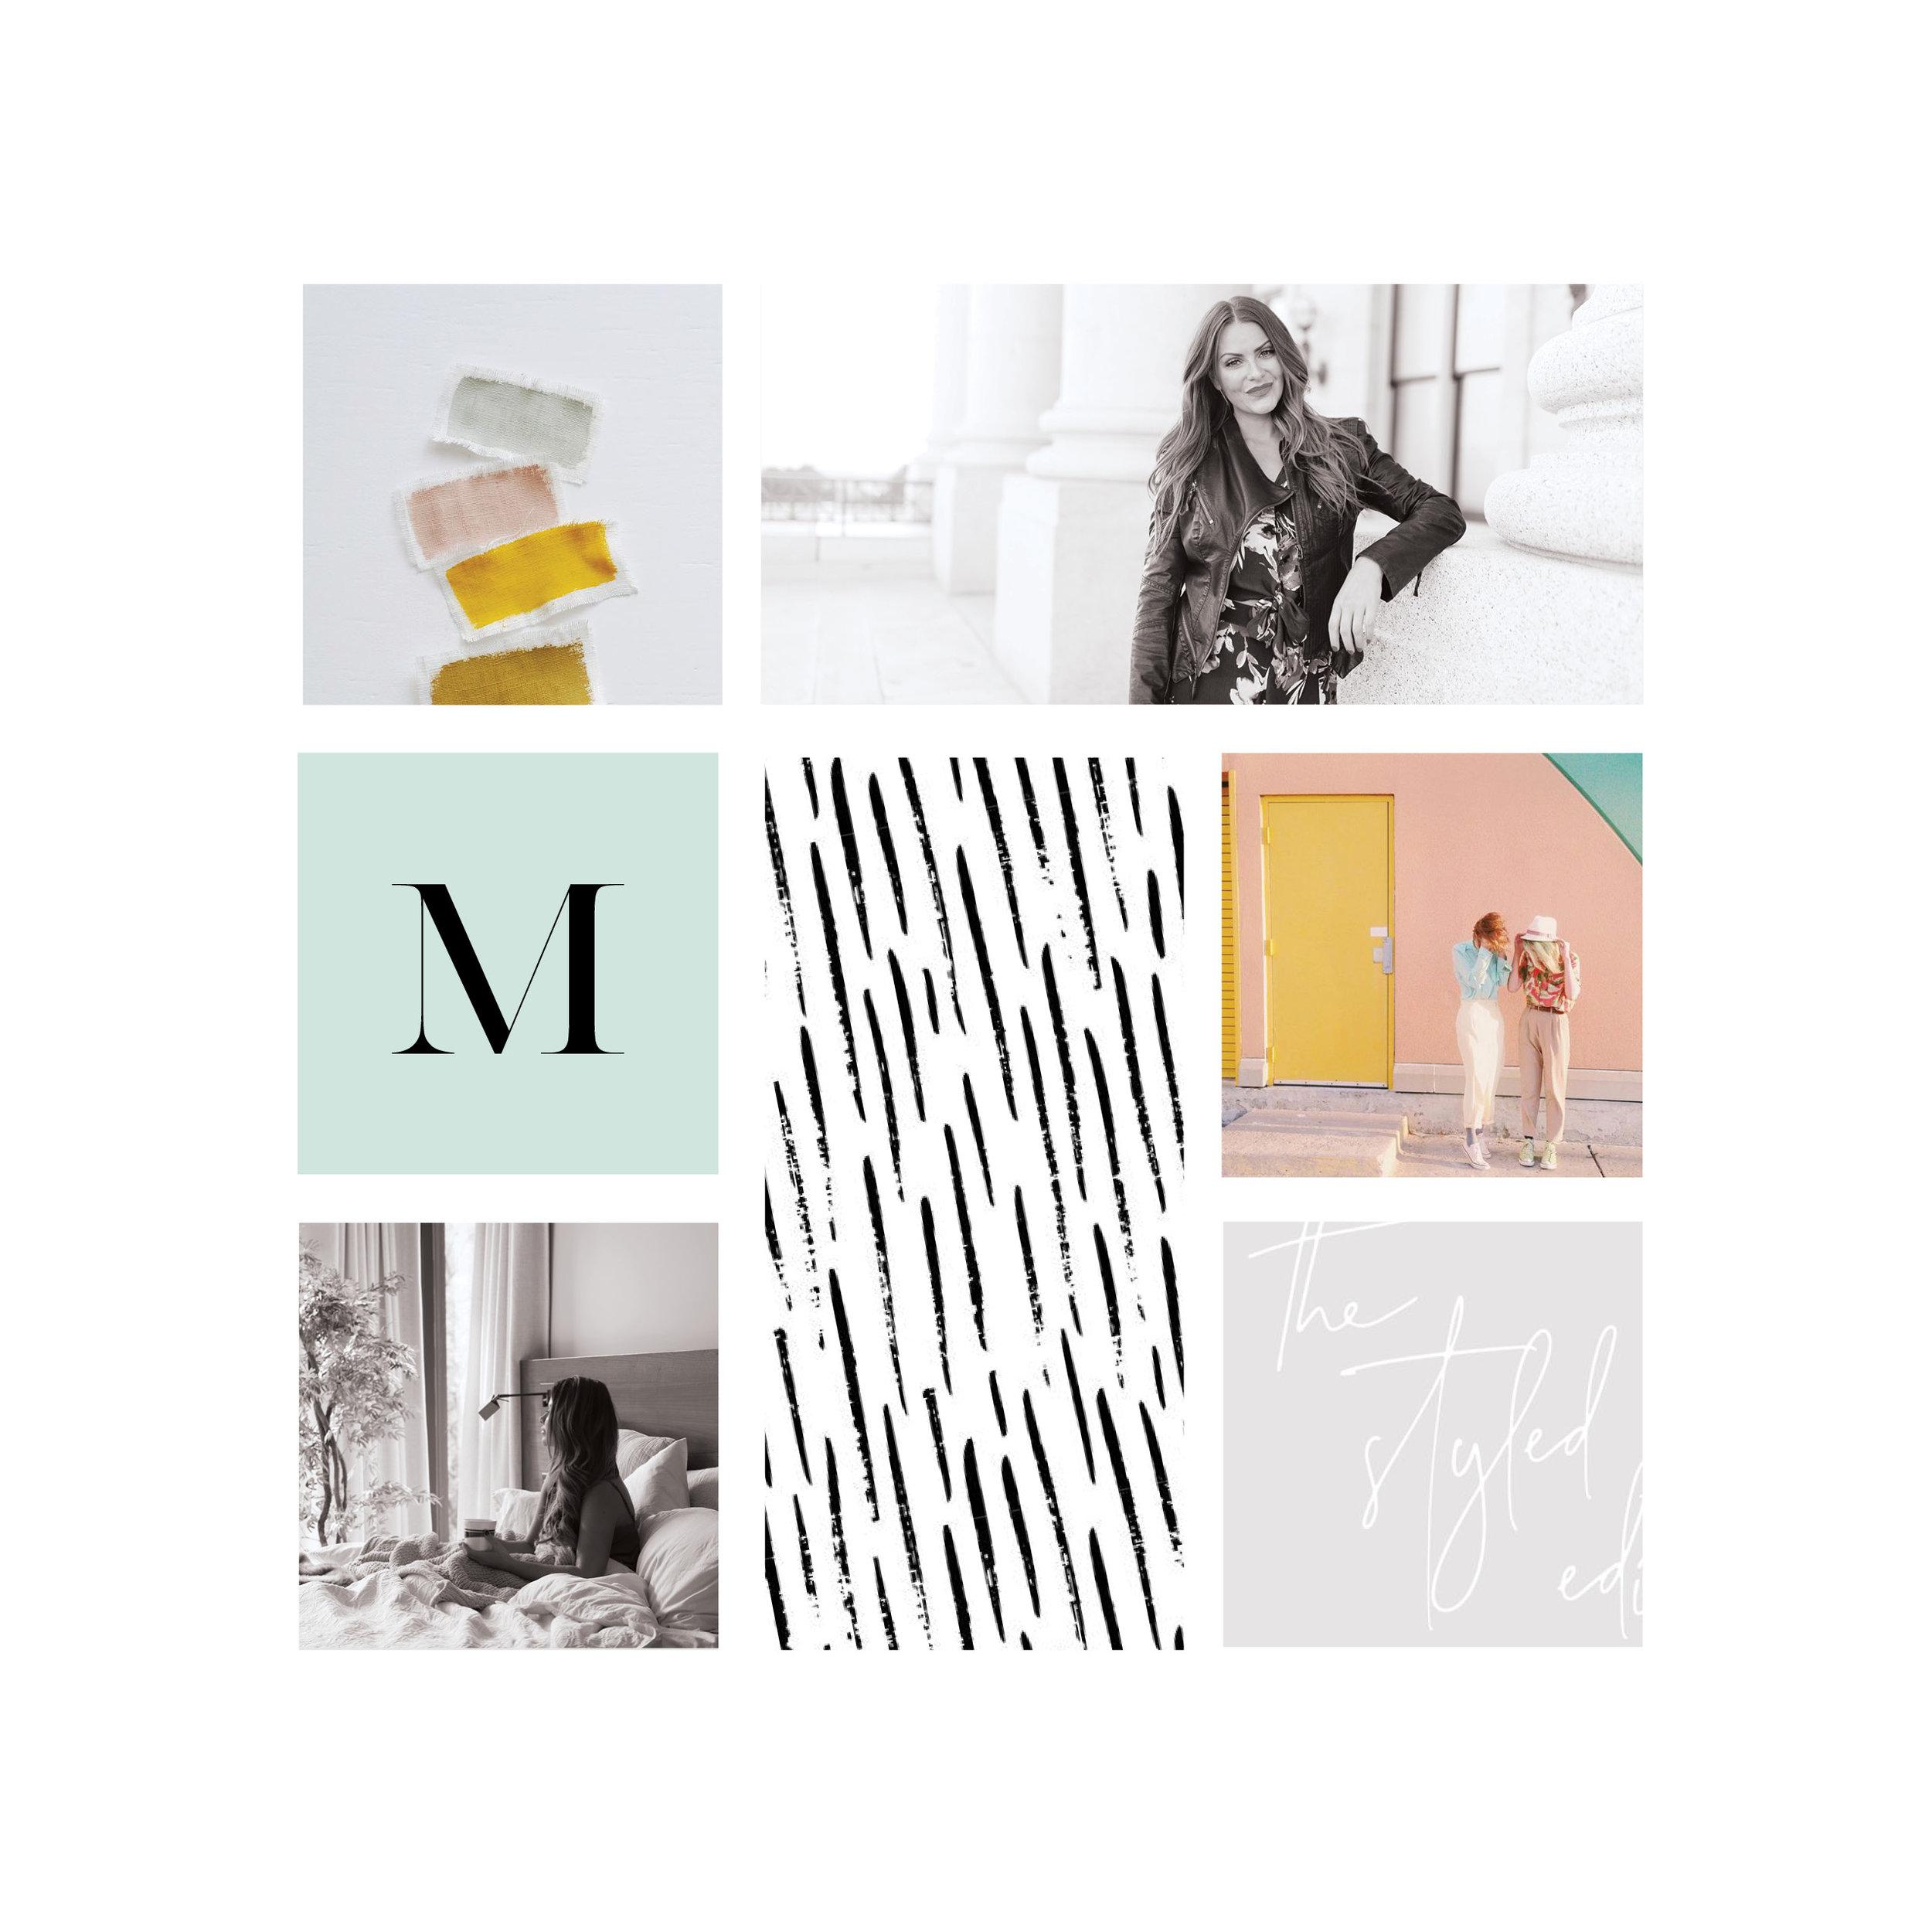 MichelleMoney_MoodBoard_FINAL.jpg